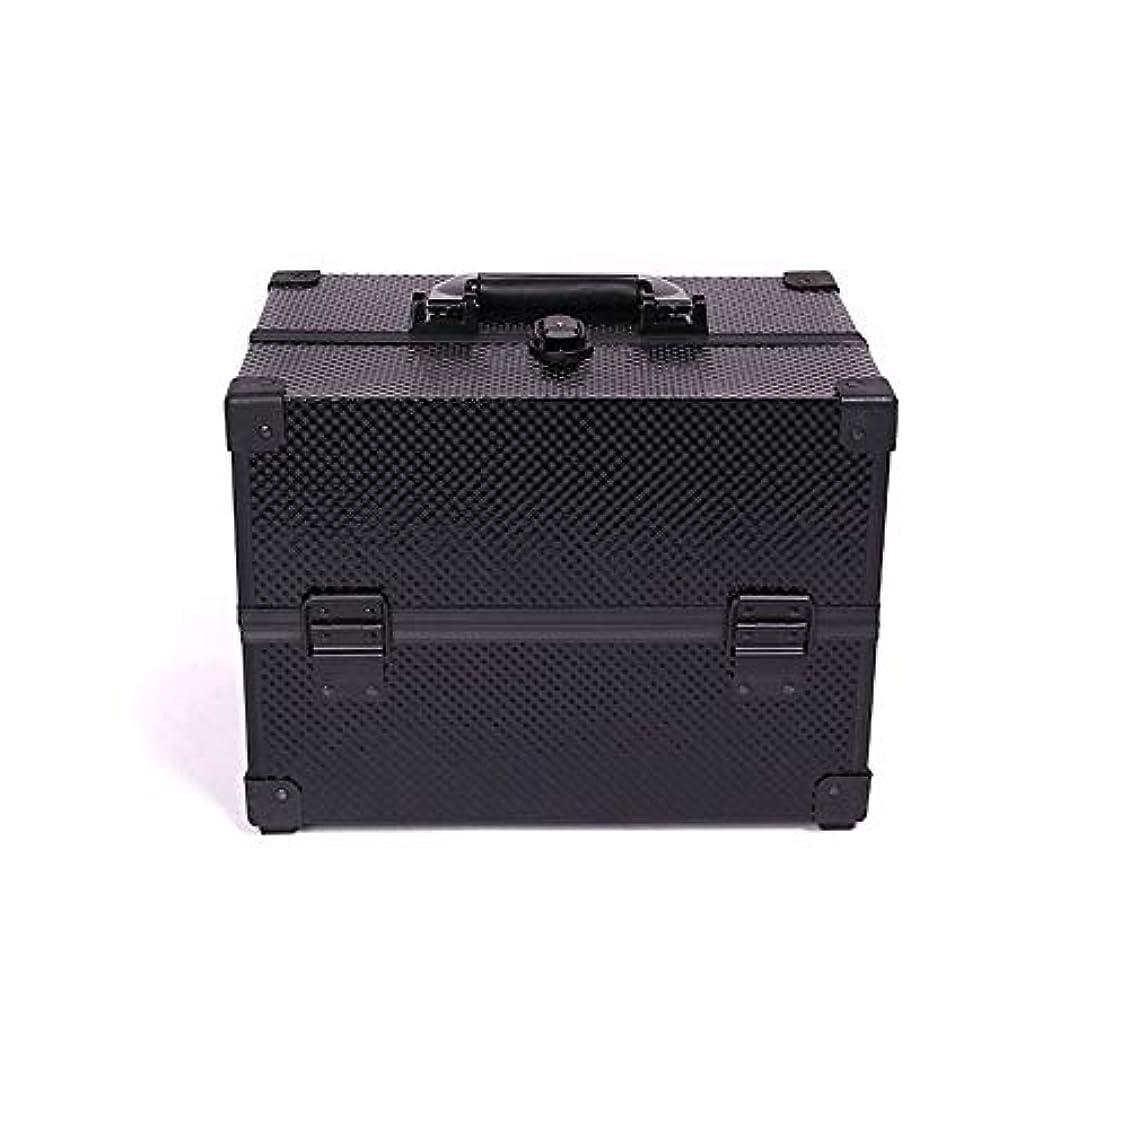 診断する確実放射能BALLEEY 化粧箱アルミケース理髪ボックス美容化粧品フェイクレザーブラックメンズとレディースユニバーサルトラベルバッグレシーブバッグ洗濯バッグ (色 : 黒)